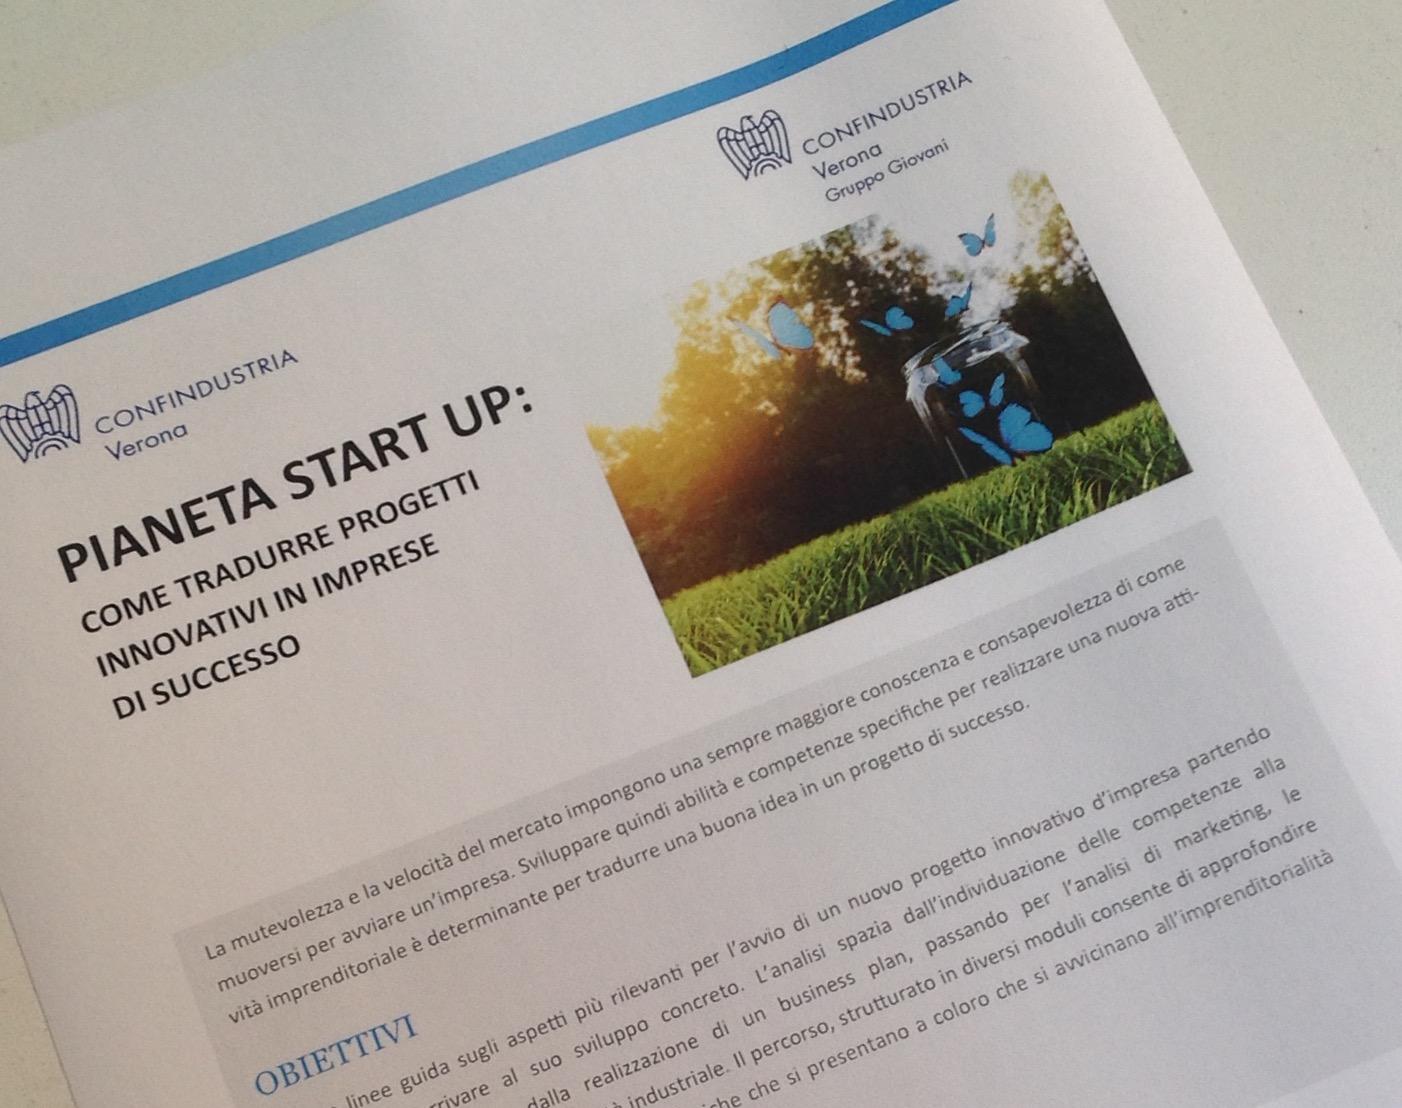 PIANETA START UP: STRUMENTI PER UN'IMPRESA DI SUCCESSO